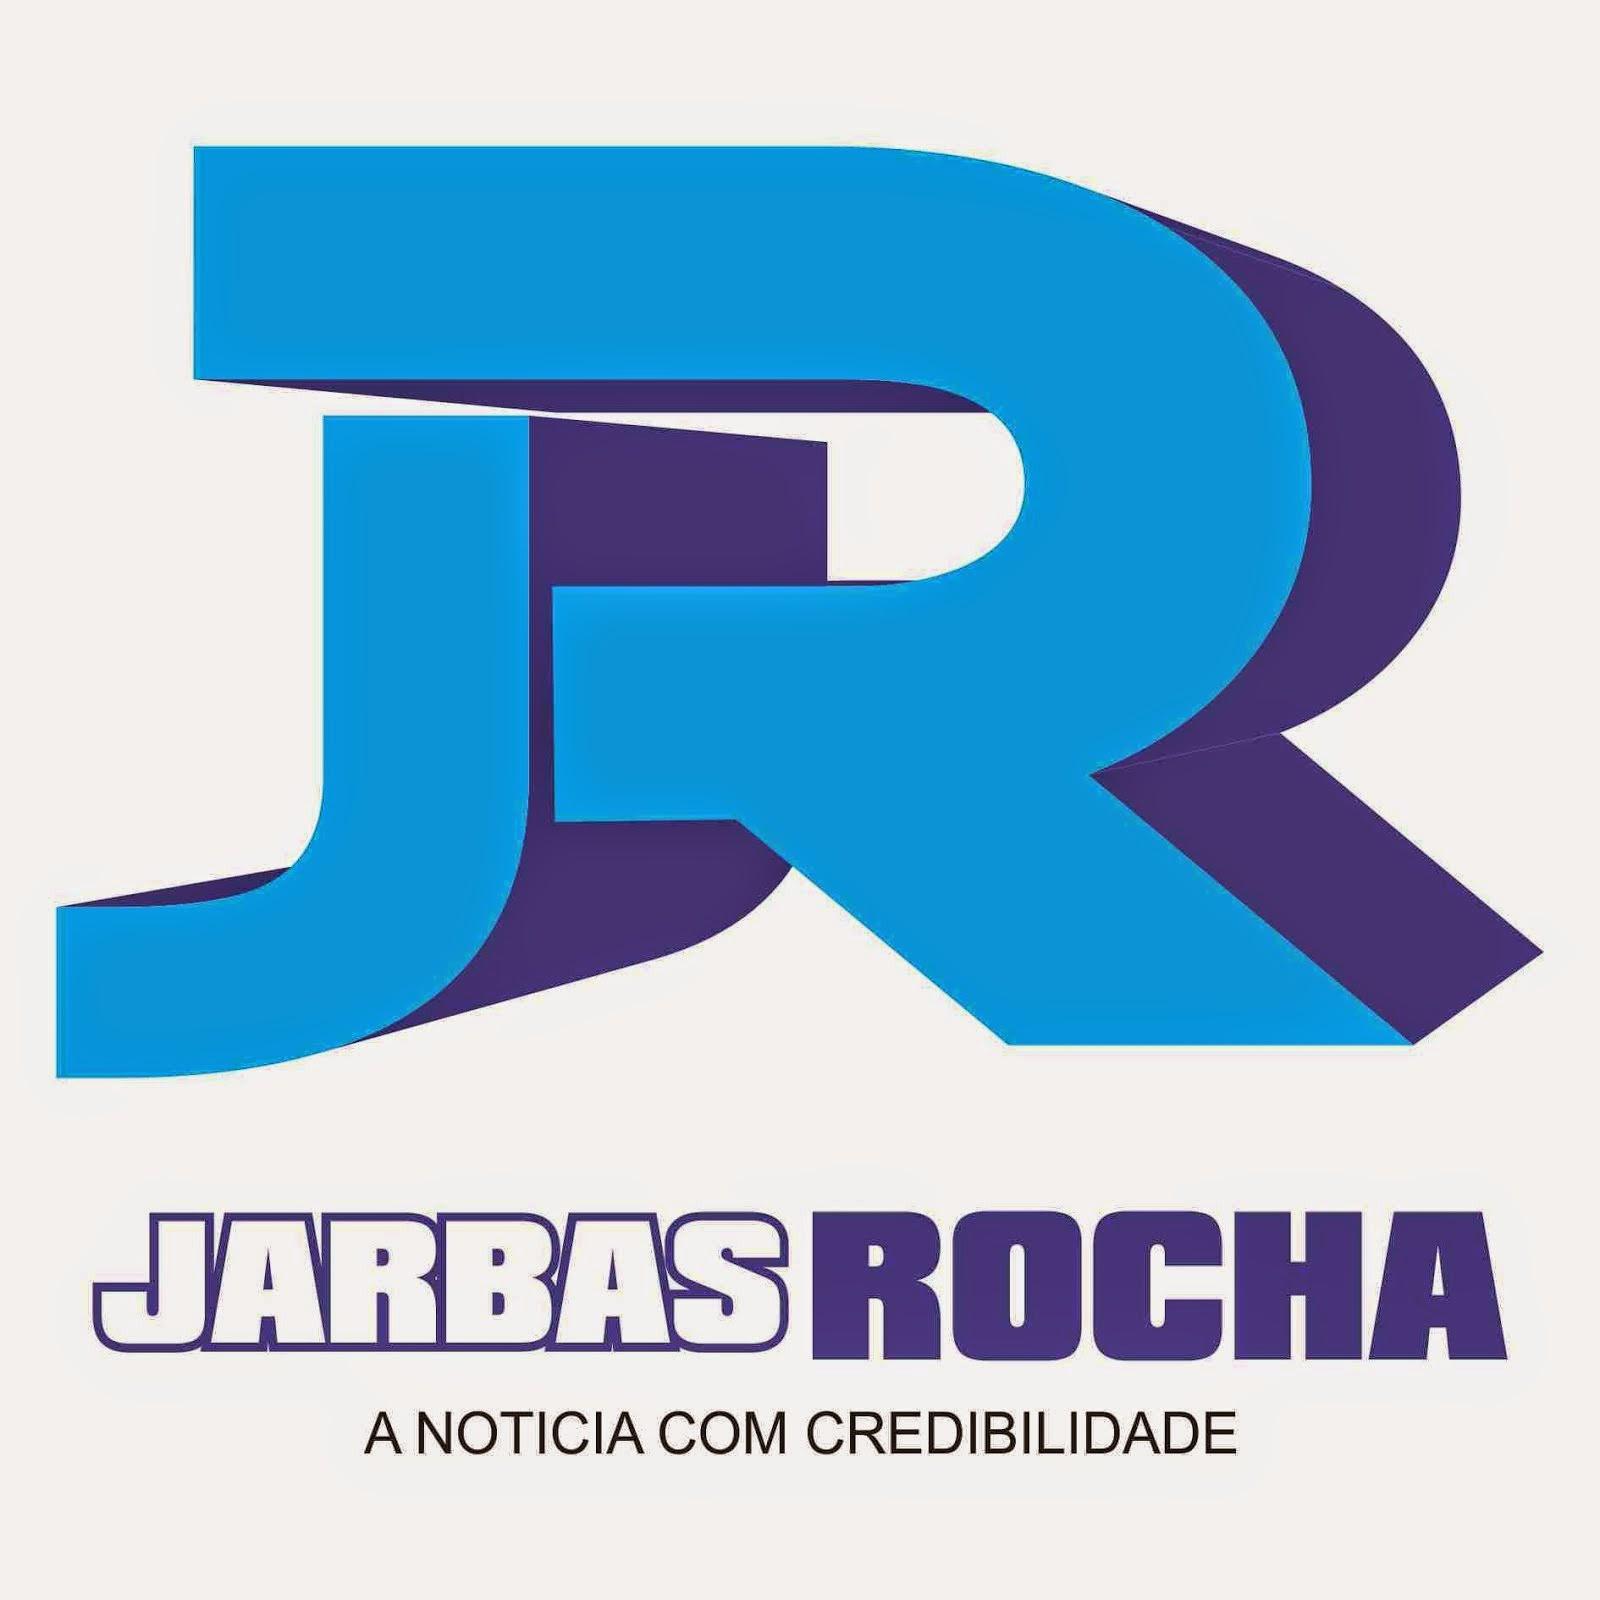 Jarbas Rocha